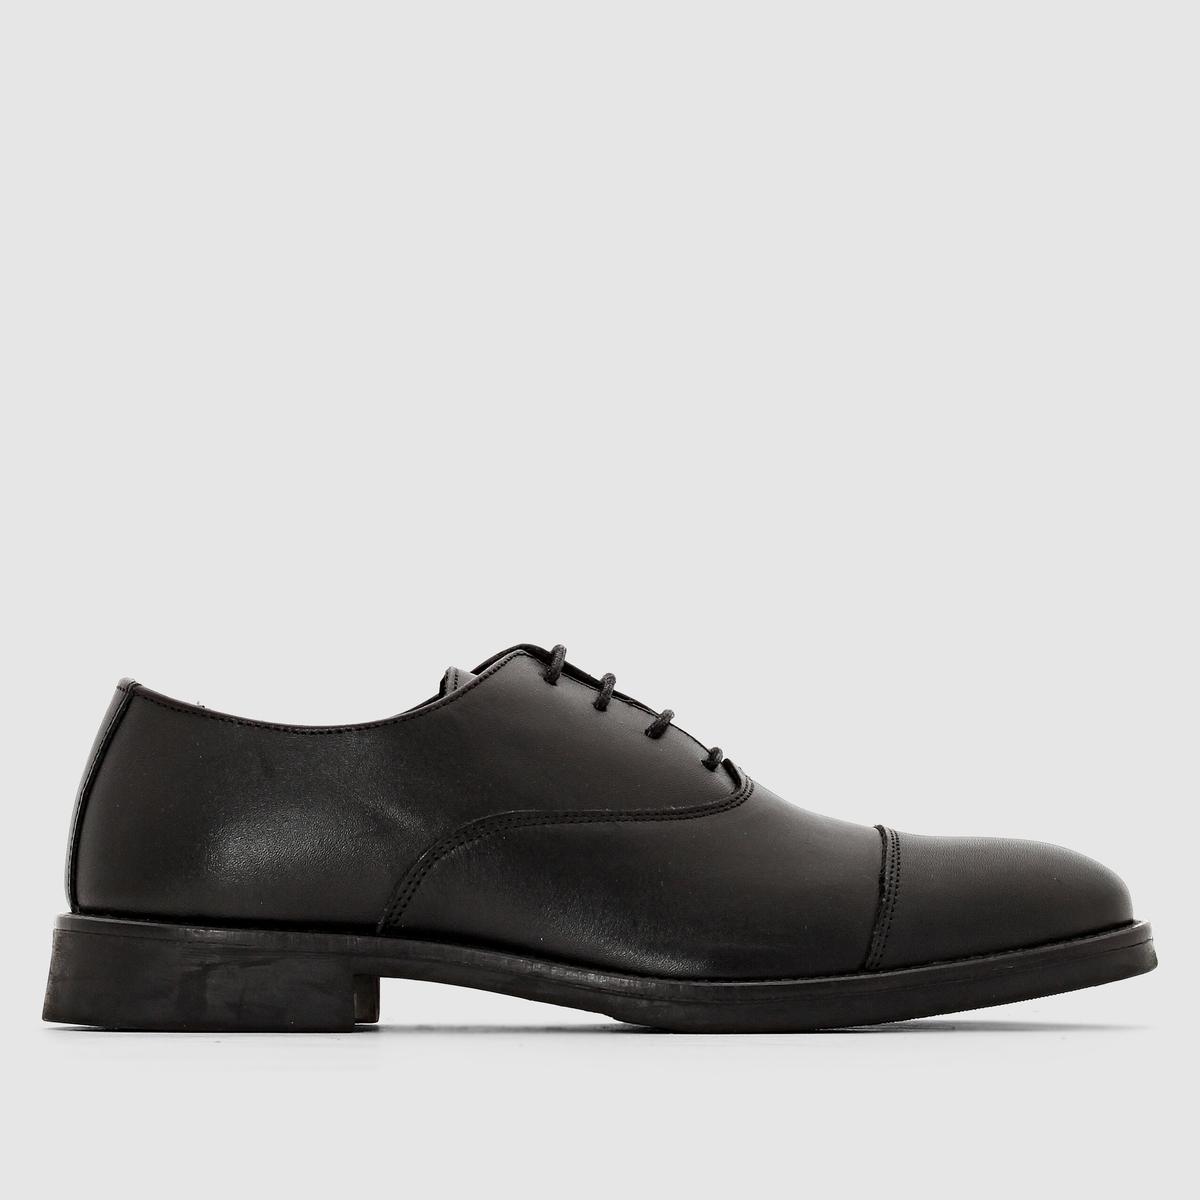 Ботики-дерби кожаные SELECTED MARCКлассические ботинки происходят от класса,это относится и к замечательным дерби от Selected, изготовленных в Португалии. Наслаждайтесь мягкой кожей, комфортом и модным стилем.<br><br>Цвет: черный<br>Размер: 43